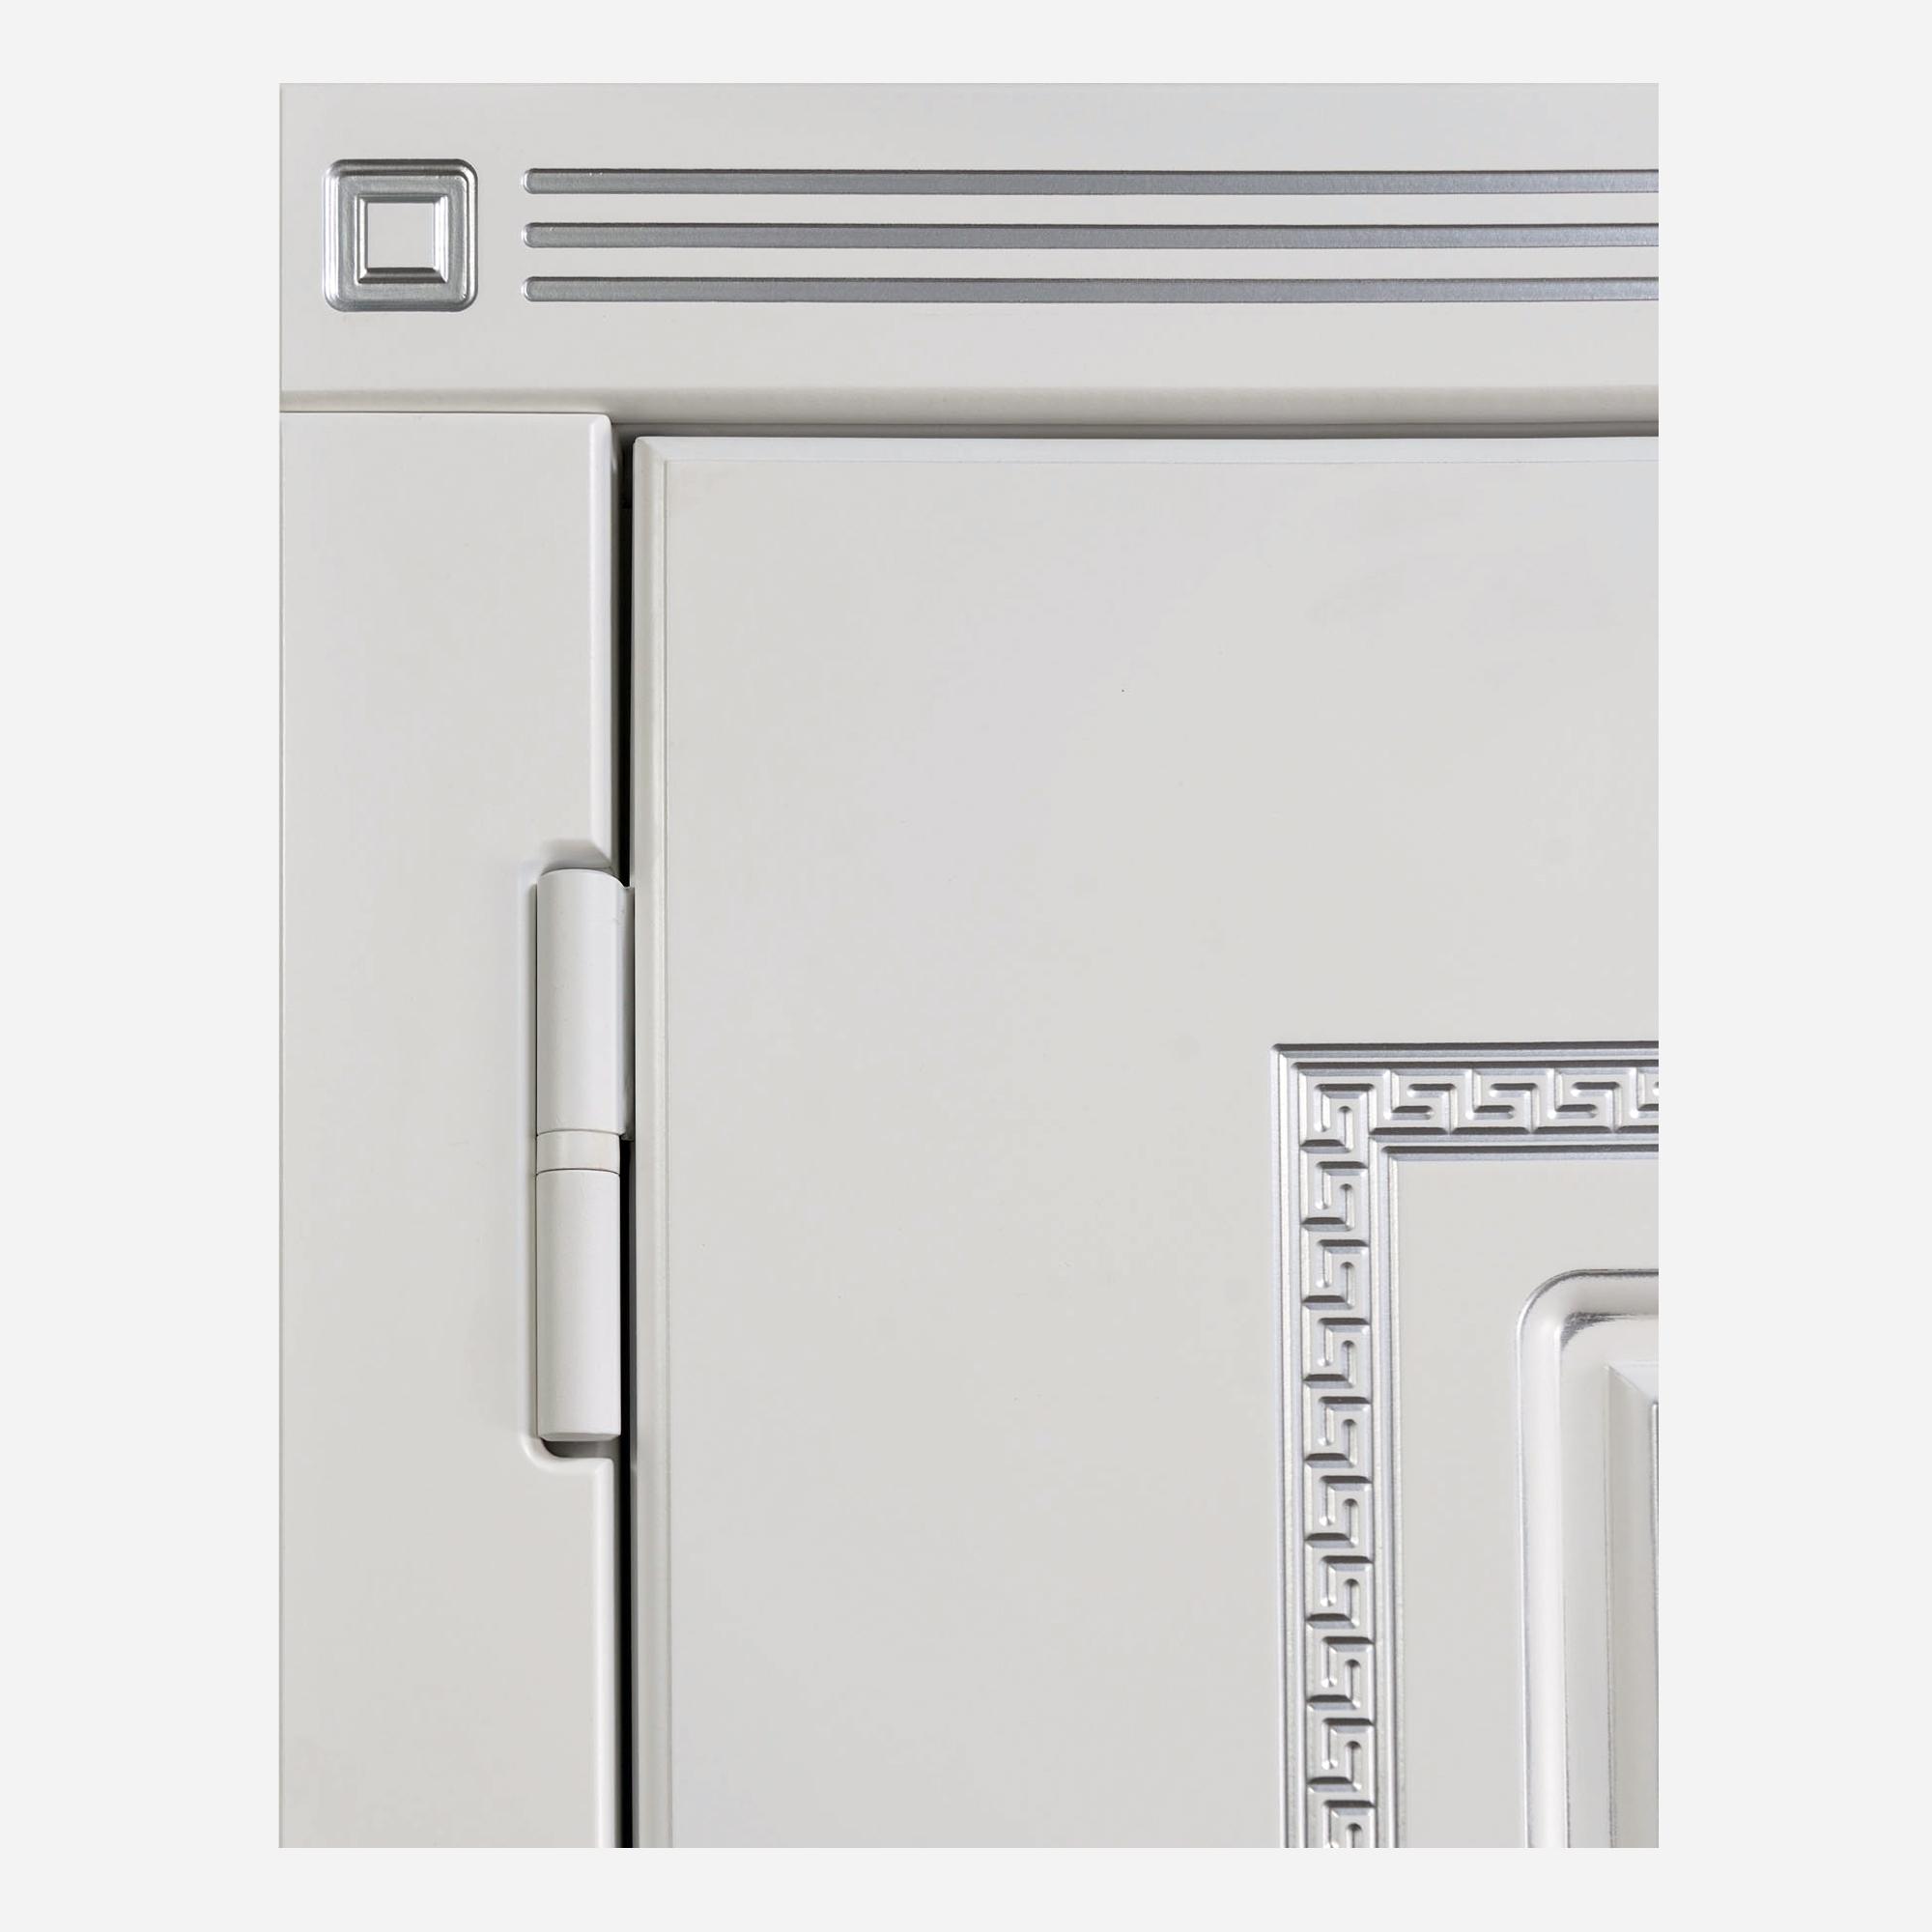 Versace Steel Security Entry Door By Novo Porte Usa